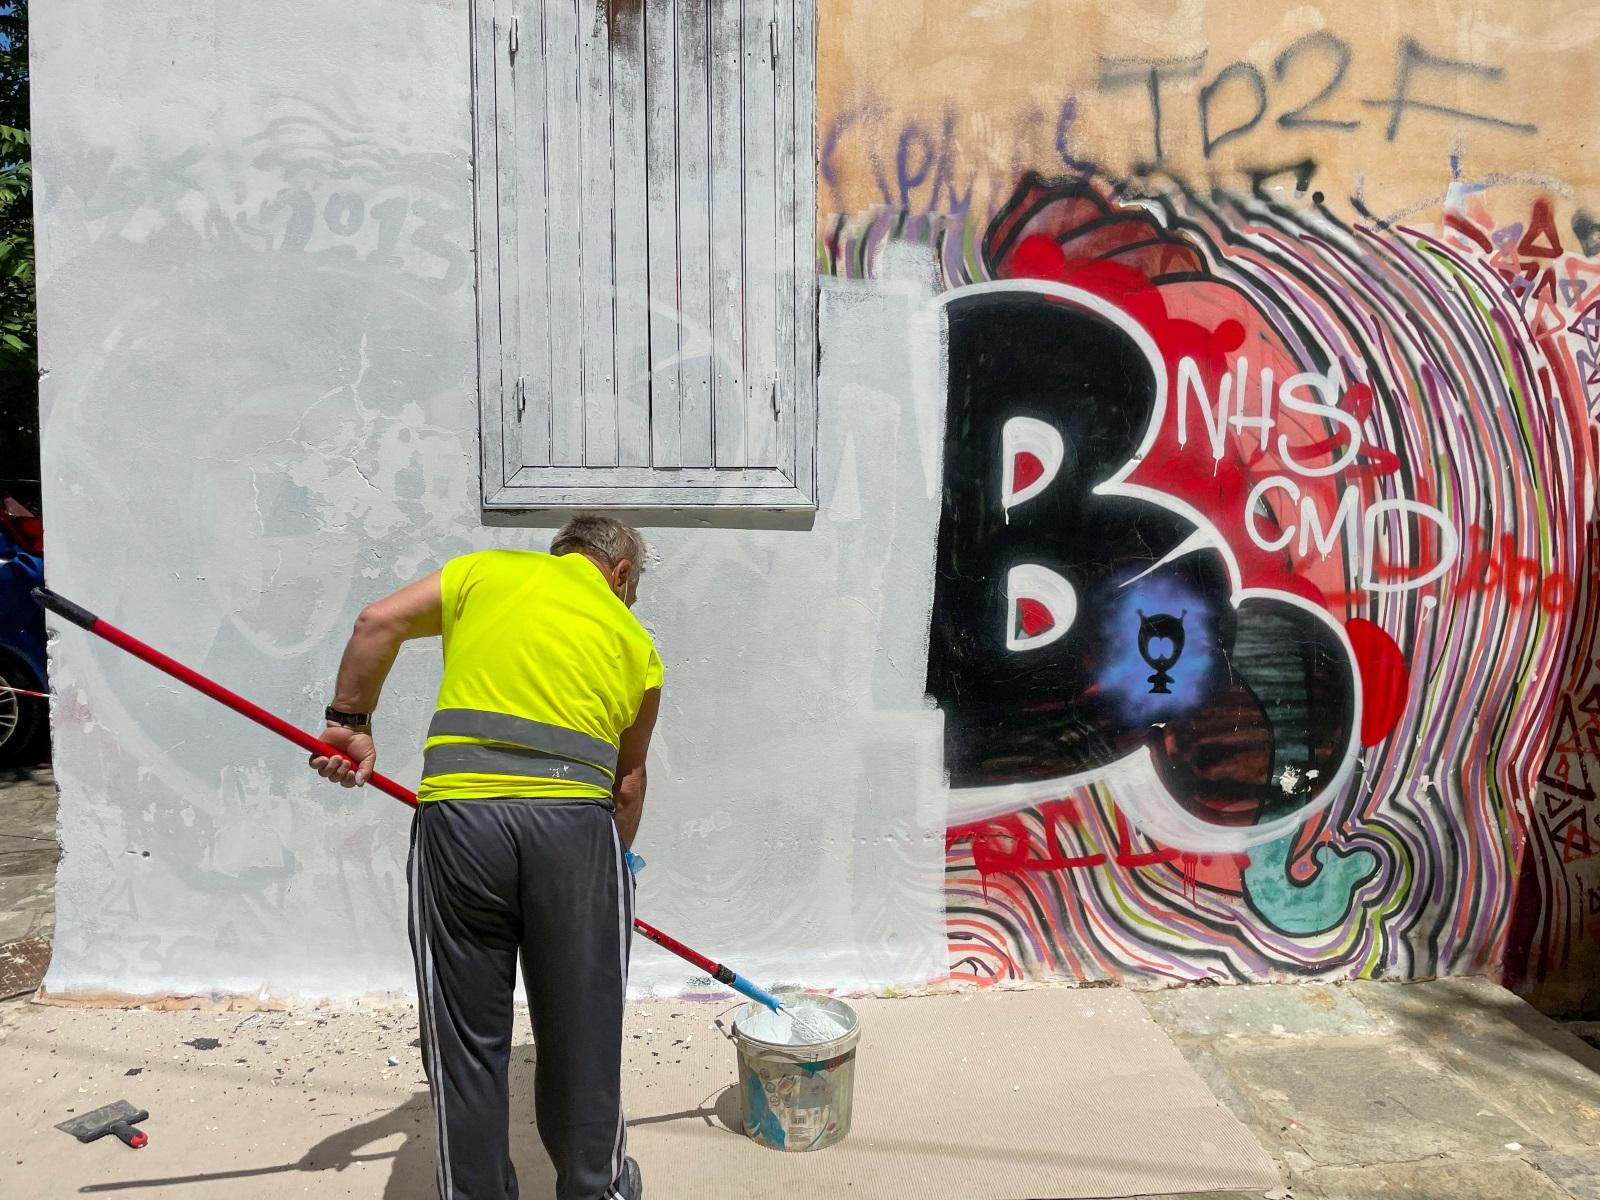 Αντιγκράφιτι παρέμβαση του Δήμου Αθηναίων στην Πλάκα